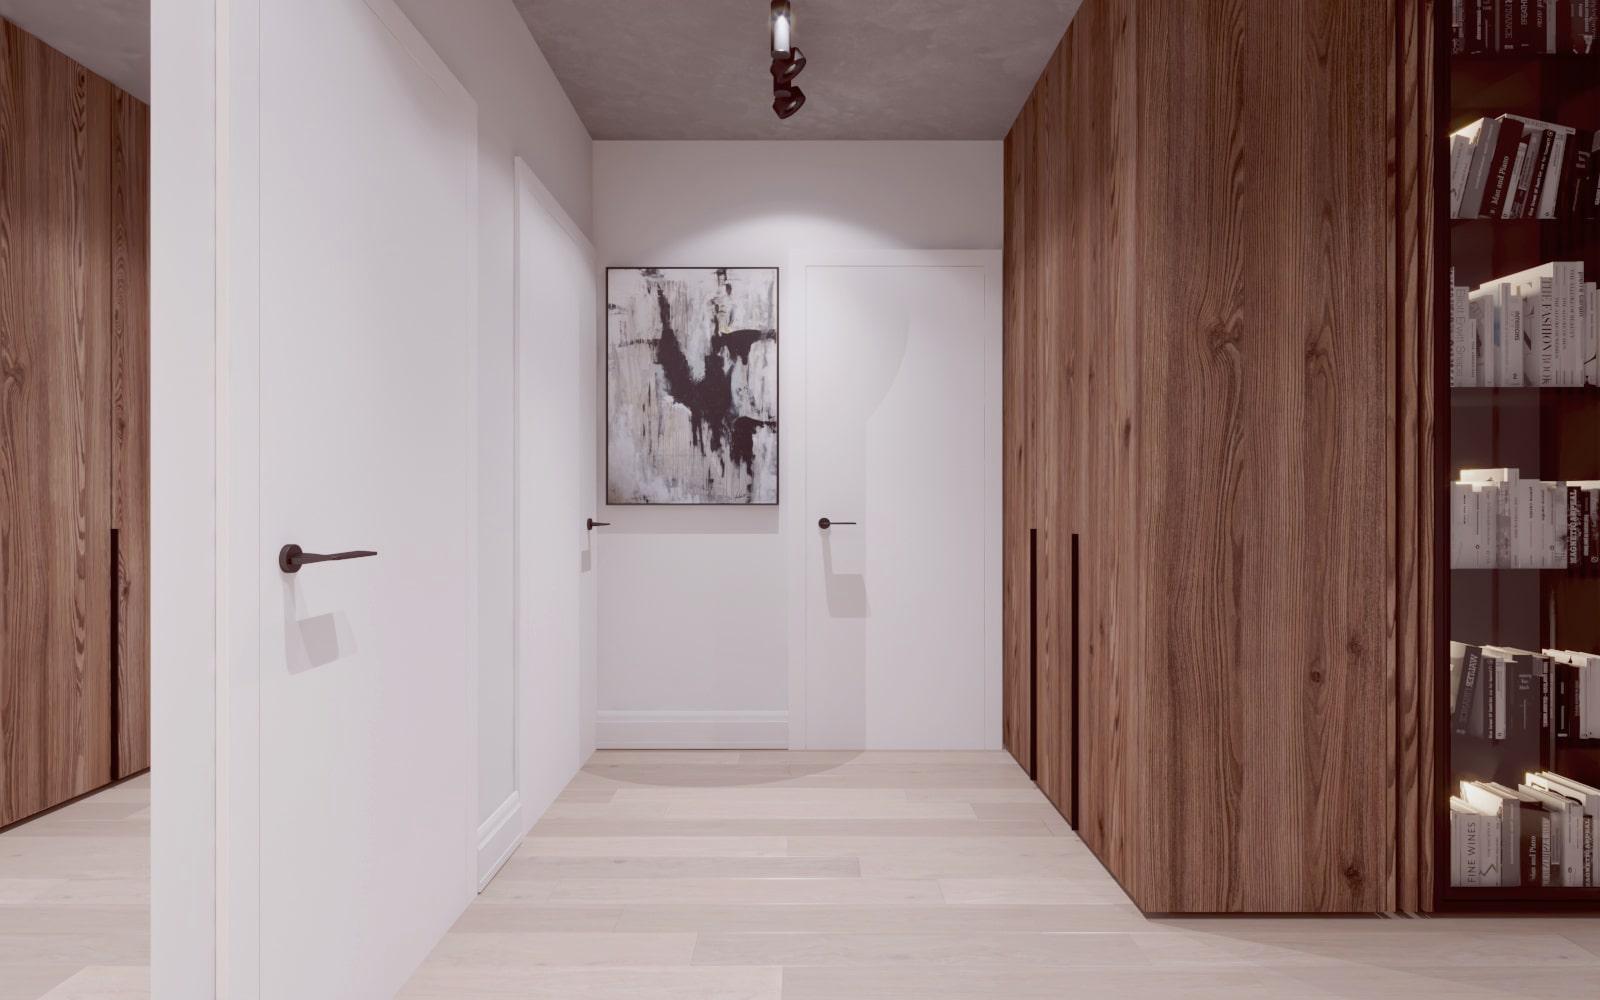 Przedpokój z elementami drewna - Projekt wykonany przez projektanta wnętrz z Krakowa.